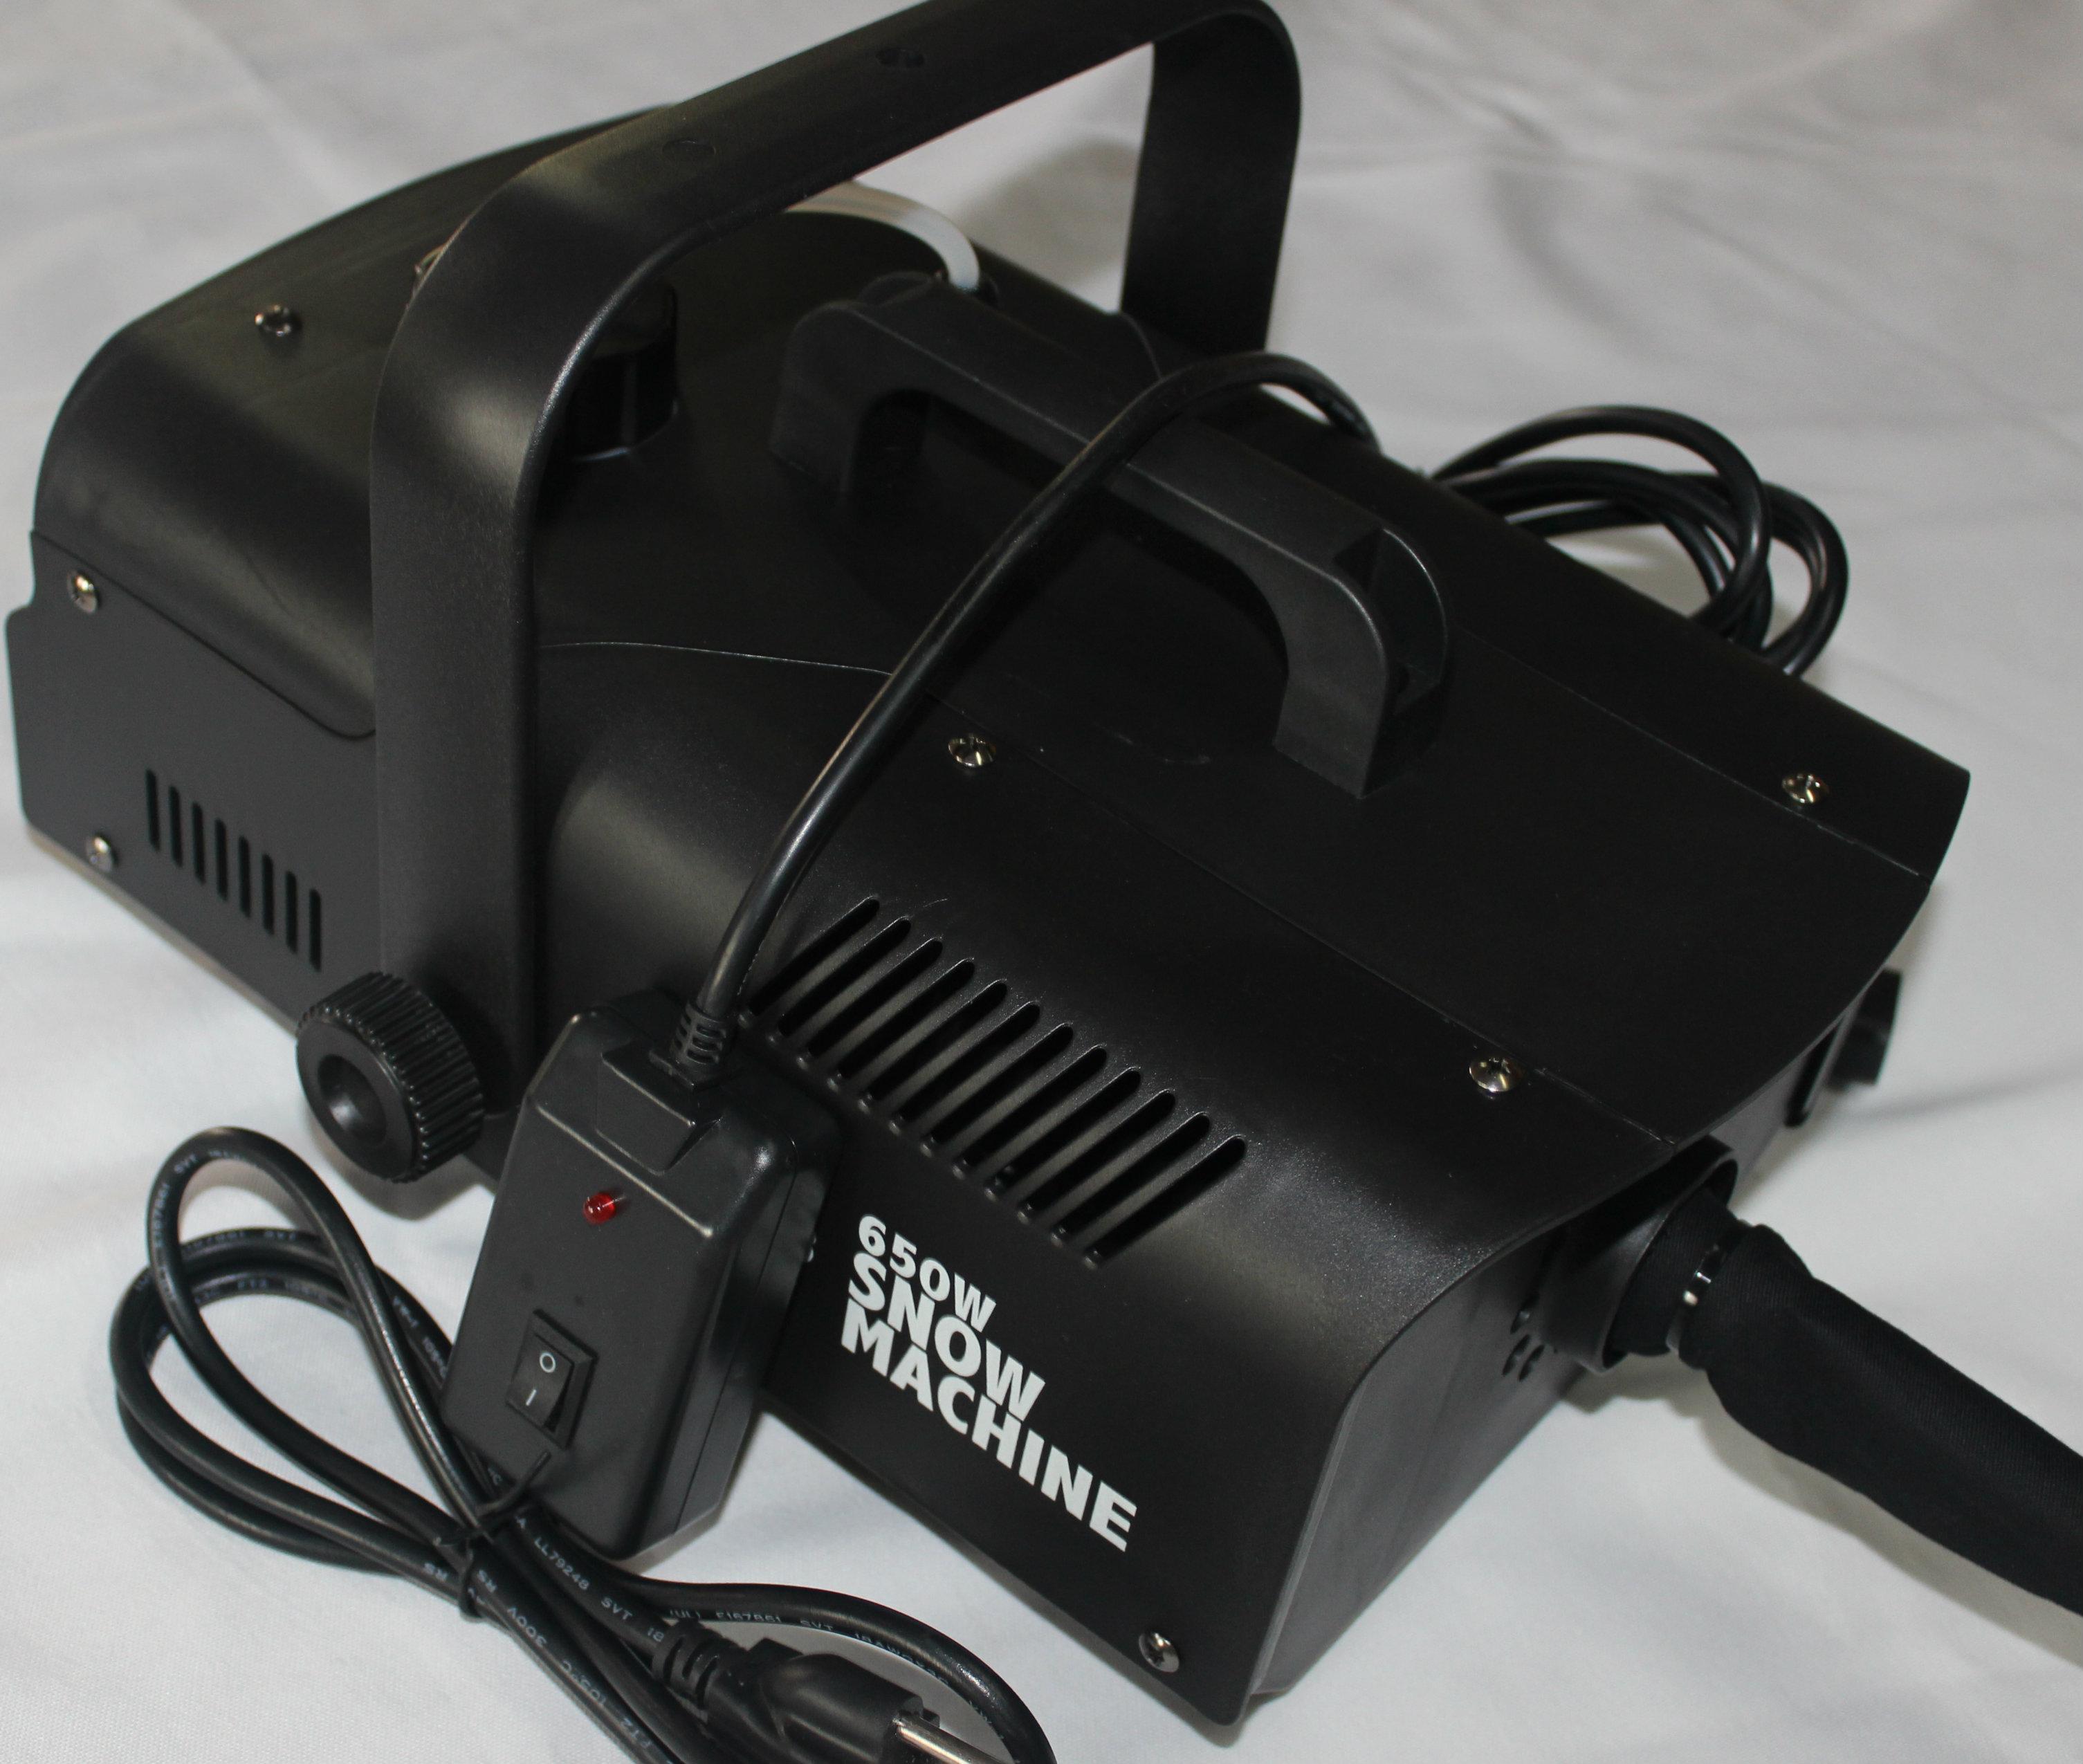 650 w Kablolu Uzaktan Kumanda Kar Gevreği Makinesi, Çocuklar için büyük Makine, Taraflar, Parades, Dj Disco House Parti Sahne Kamp Alanı için ...